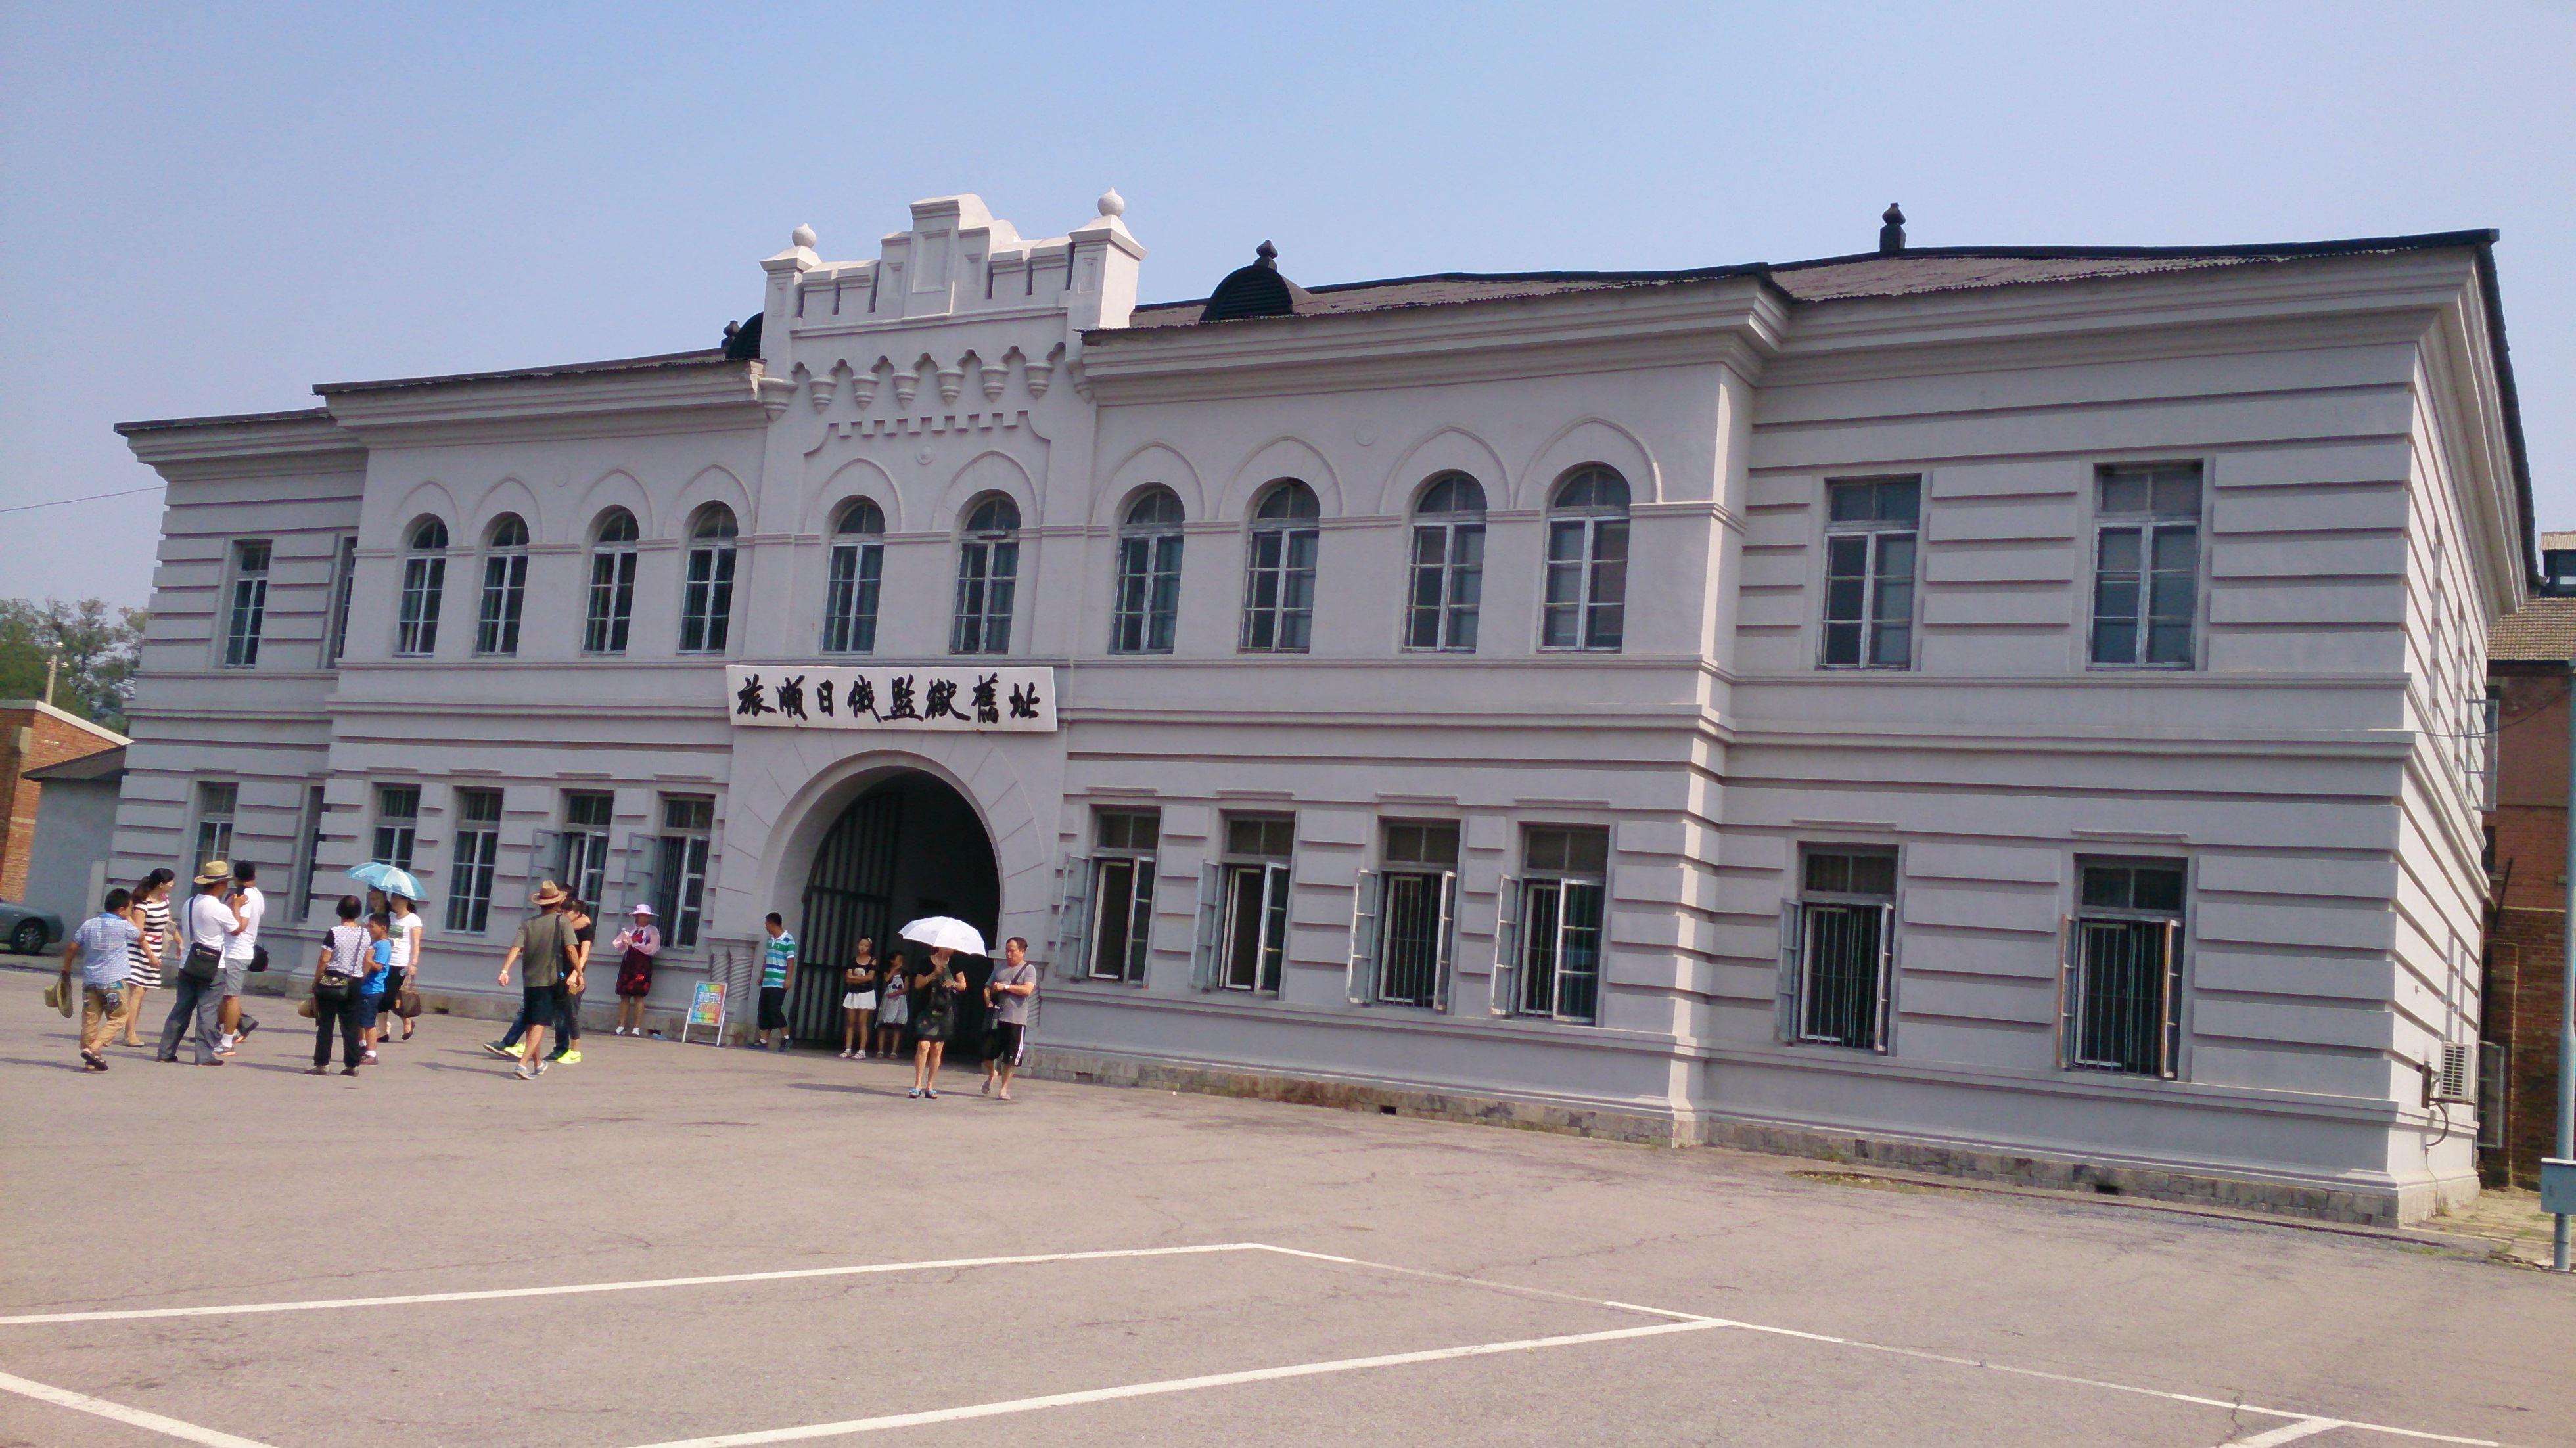 抗日愛国教育拠点でもある日俄監獄旧址